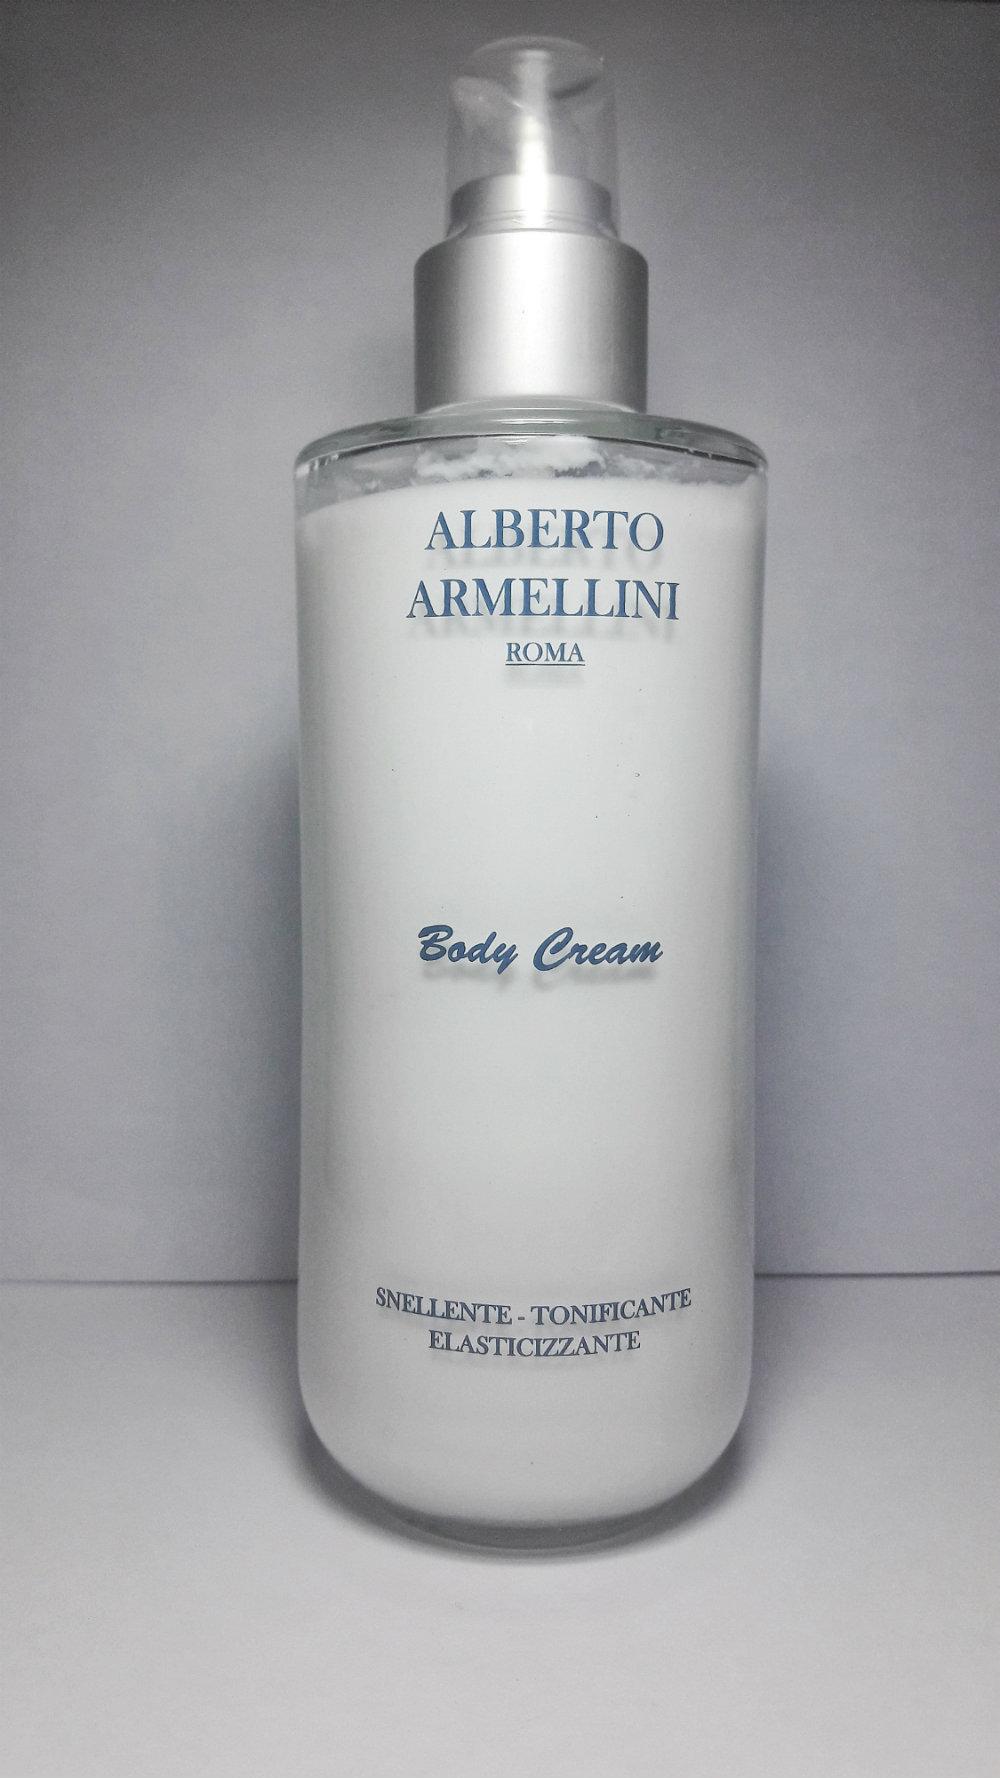 Body Cream Alberto Armellini Beauty